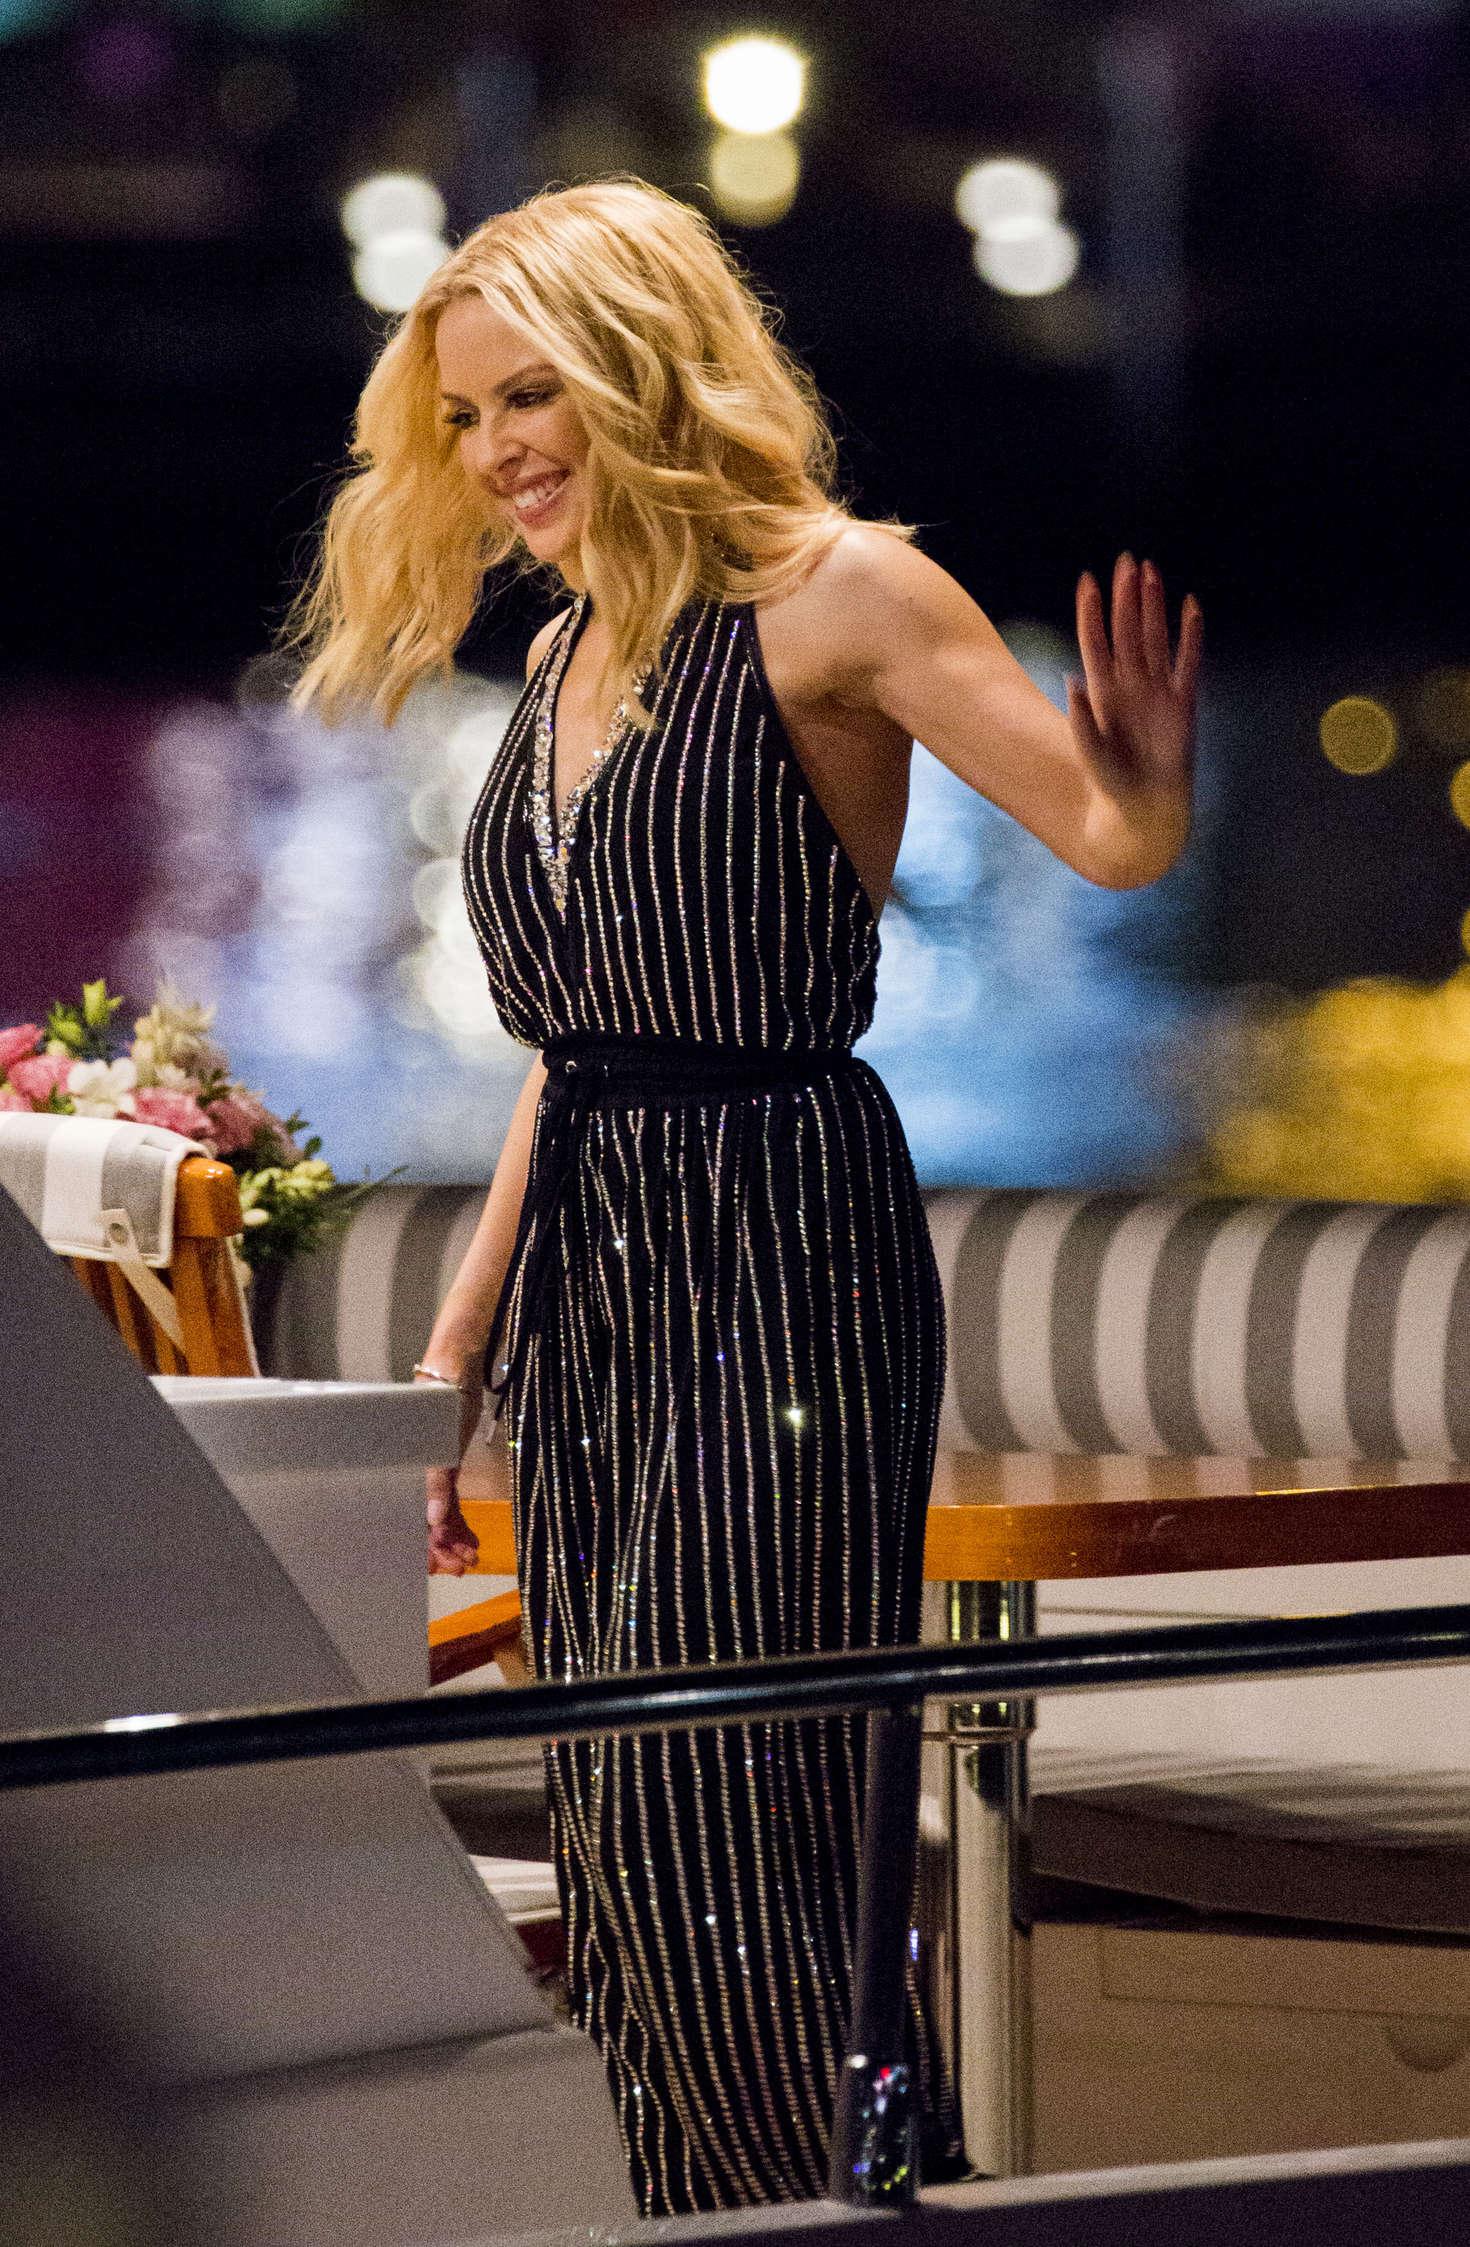 Kylie Minogue - Leaves the Qatar Airways Event in Sydney